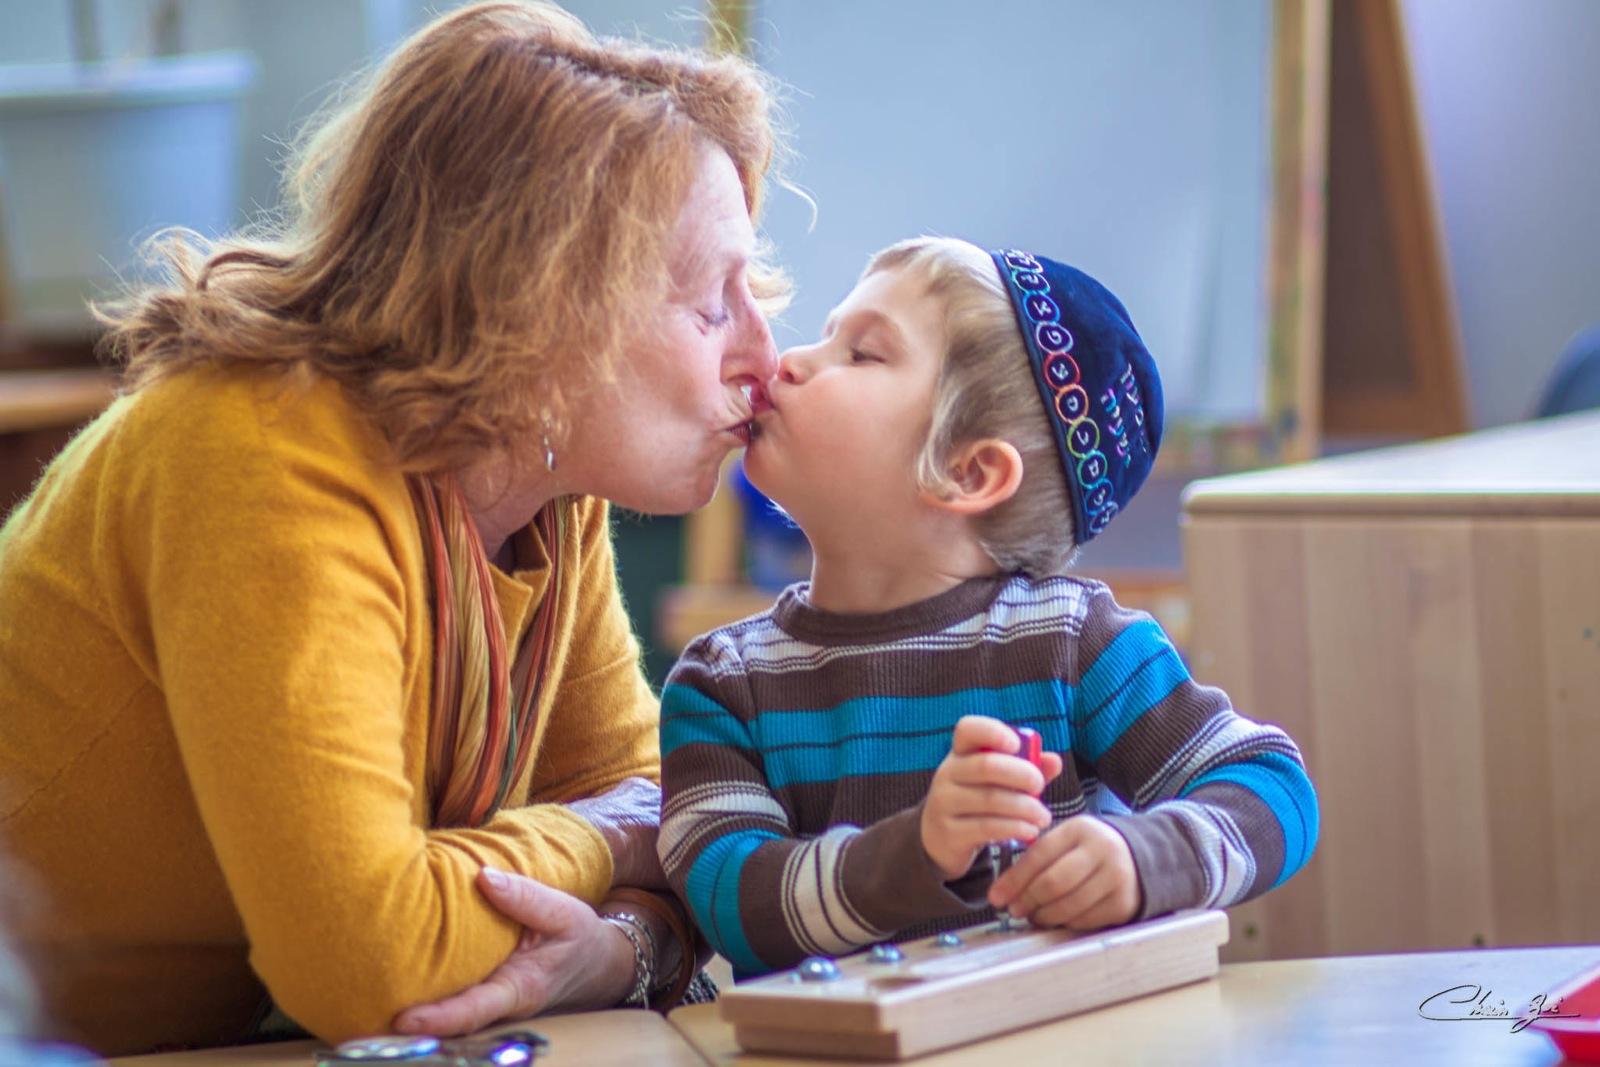 A woman and a small child wearing a kippah (yarmulke) kiss.